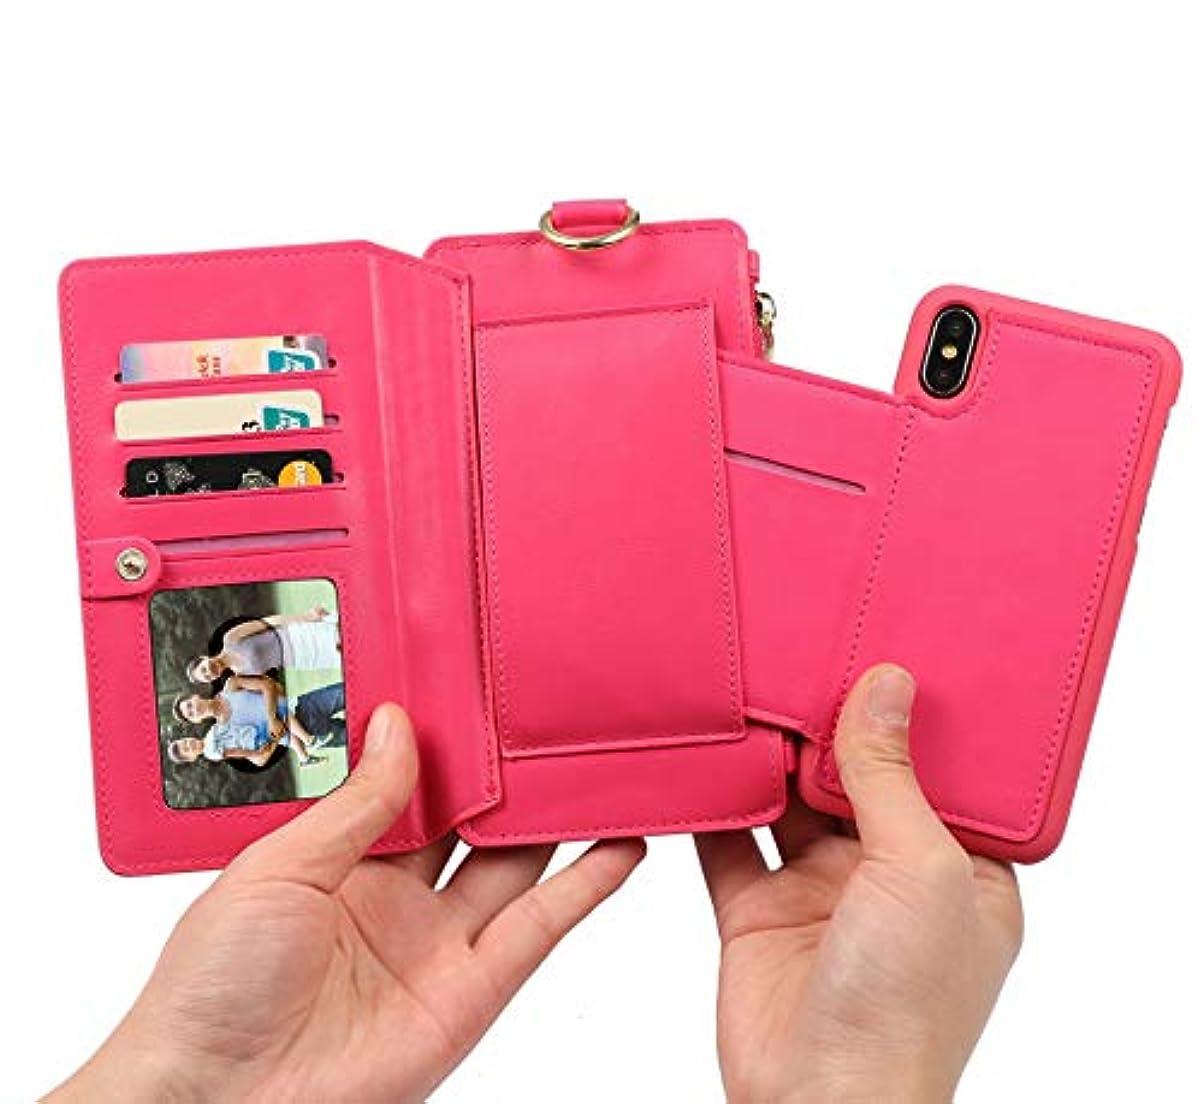 老人バンカー器用iPhone 8 Plus パソコンExit包保護套 - 折りたたみ保護袖 - 立ちブラケット-ビジネススタイル-全身保護-内殻金属リング-12札入れ-相枠-取り外し可能な電話ケース財布 5.5インチiPhone 7 Plus...